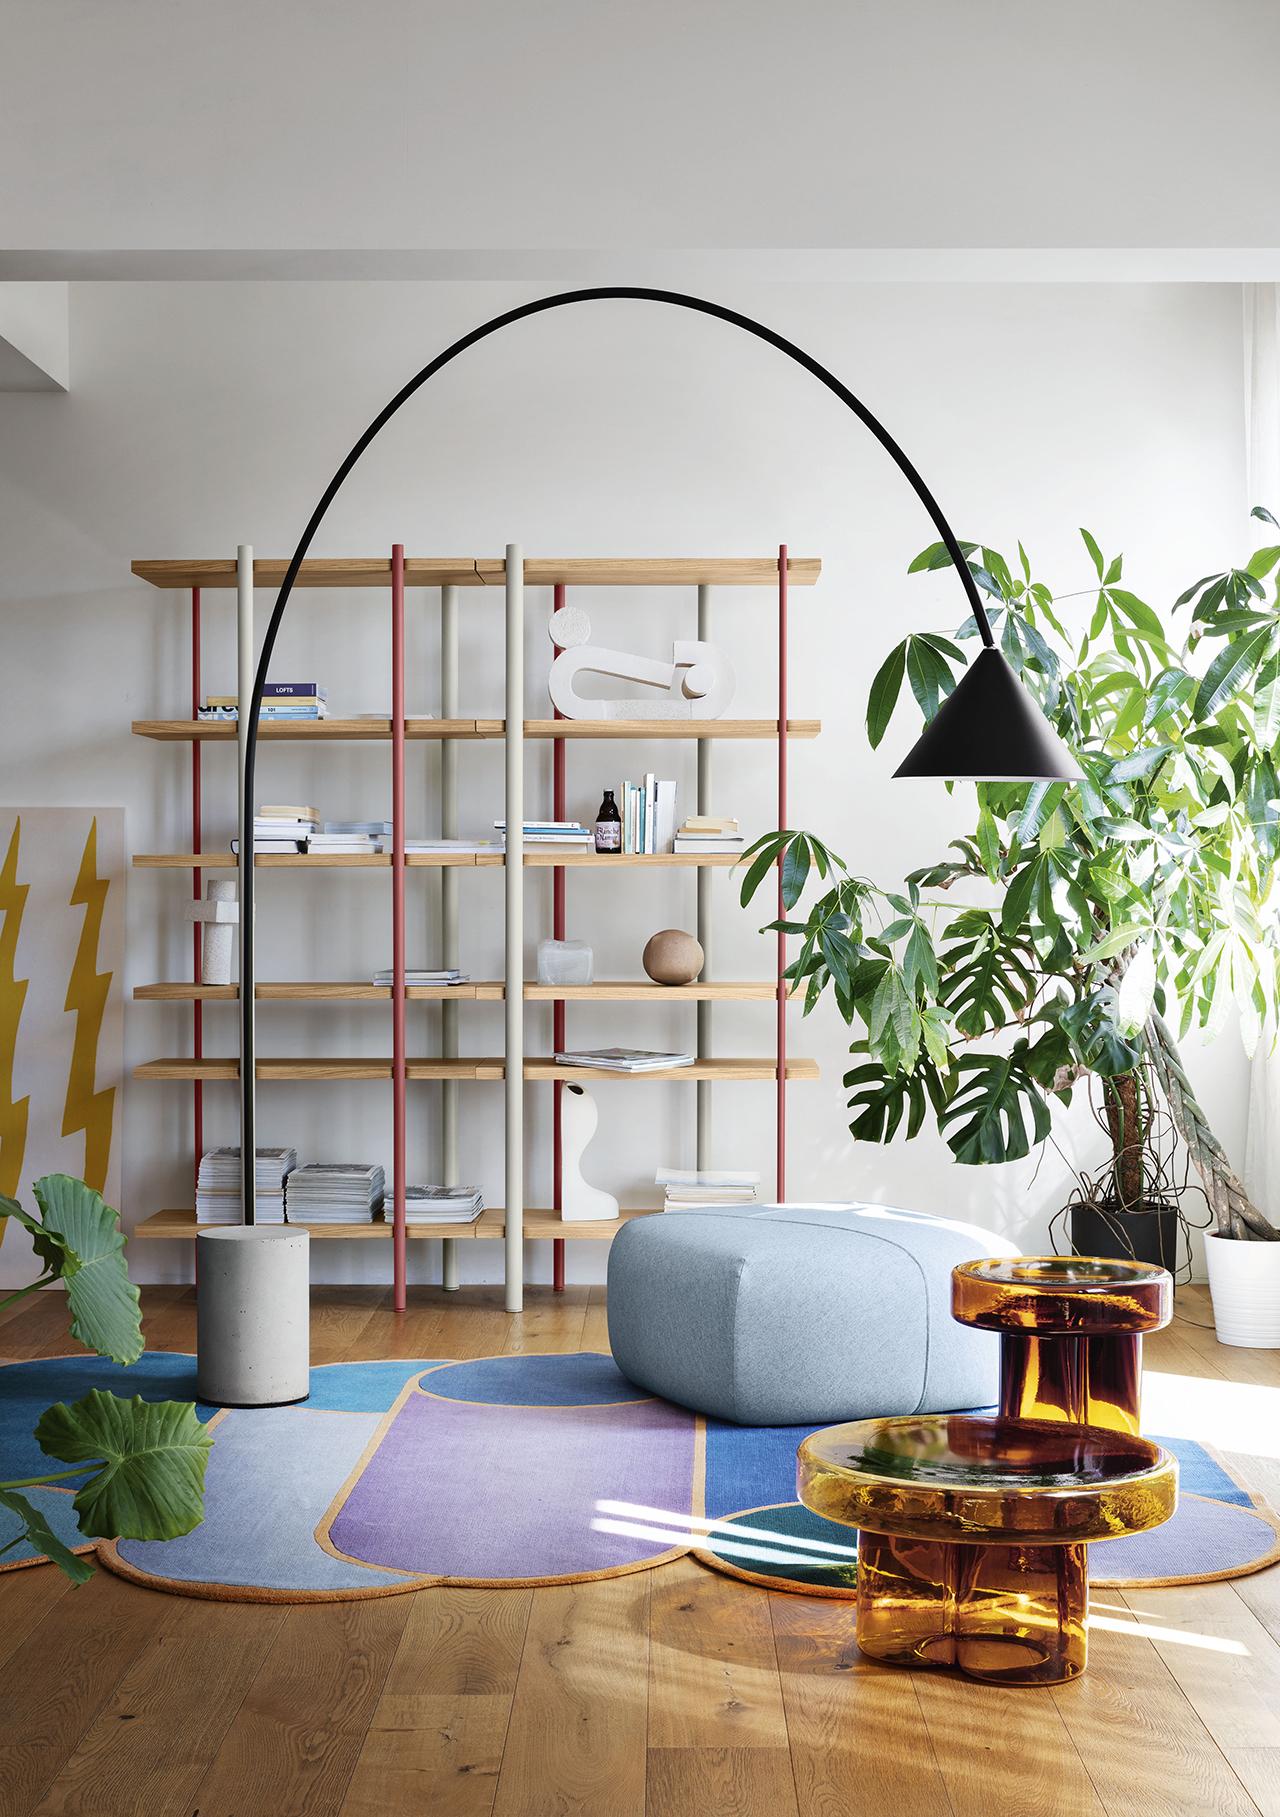 floor lamp in living space